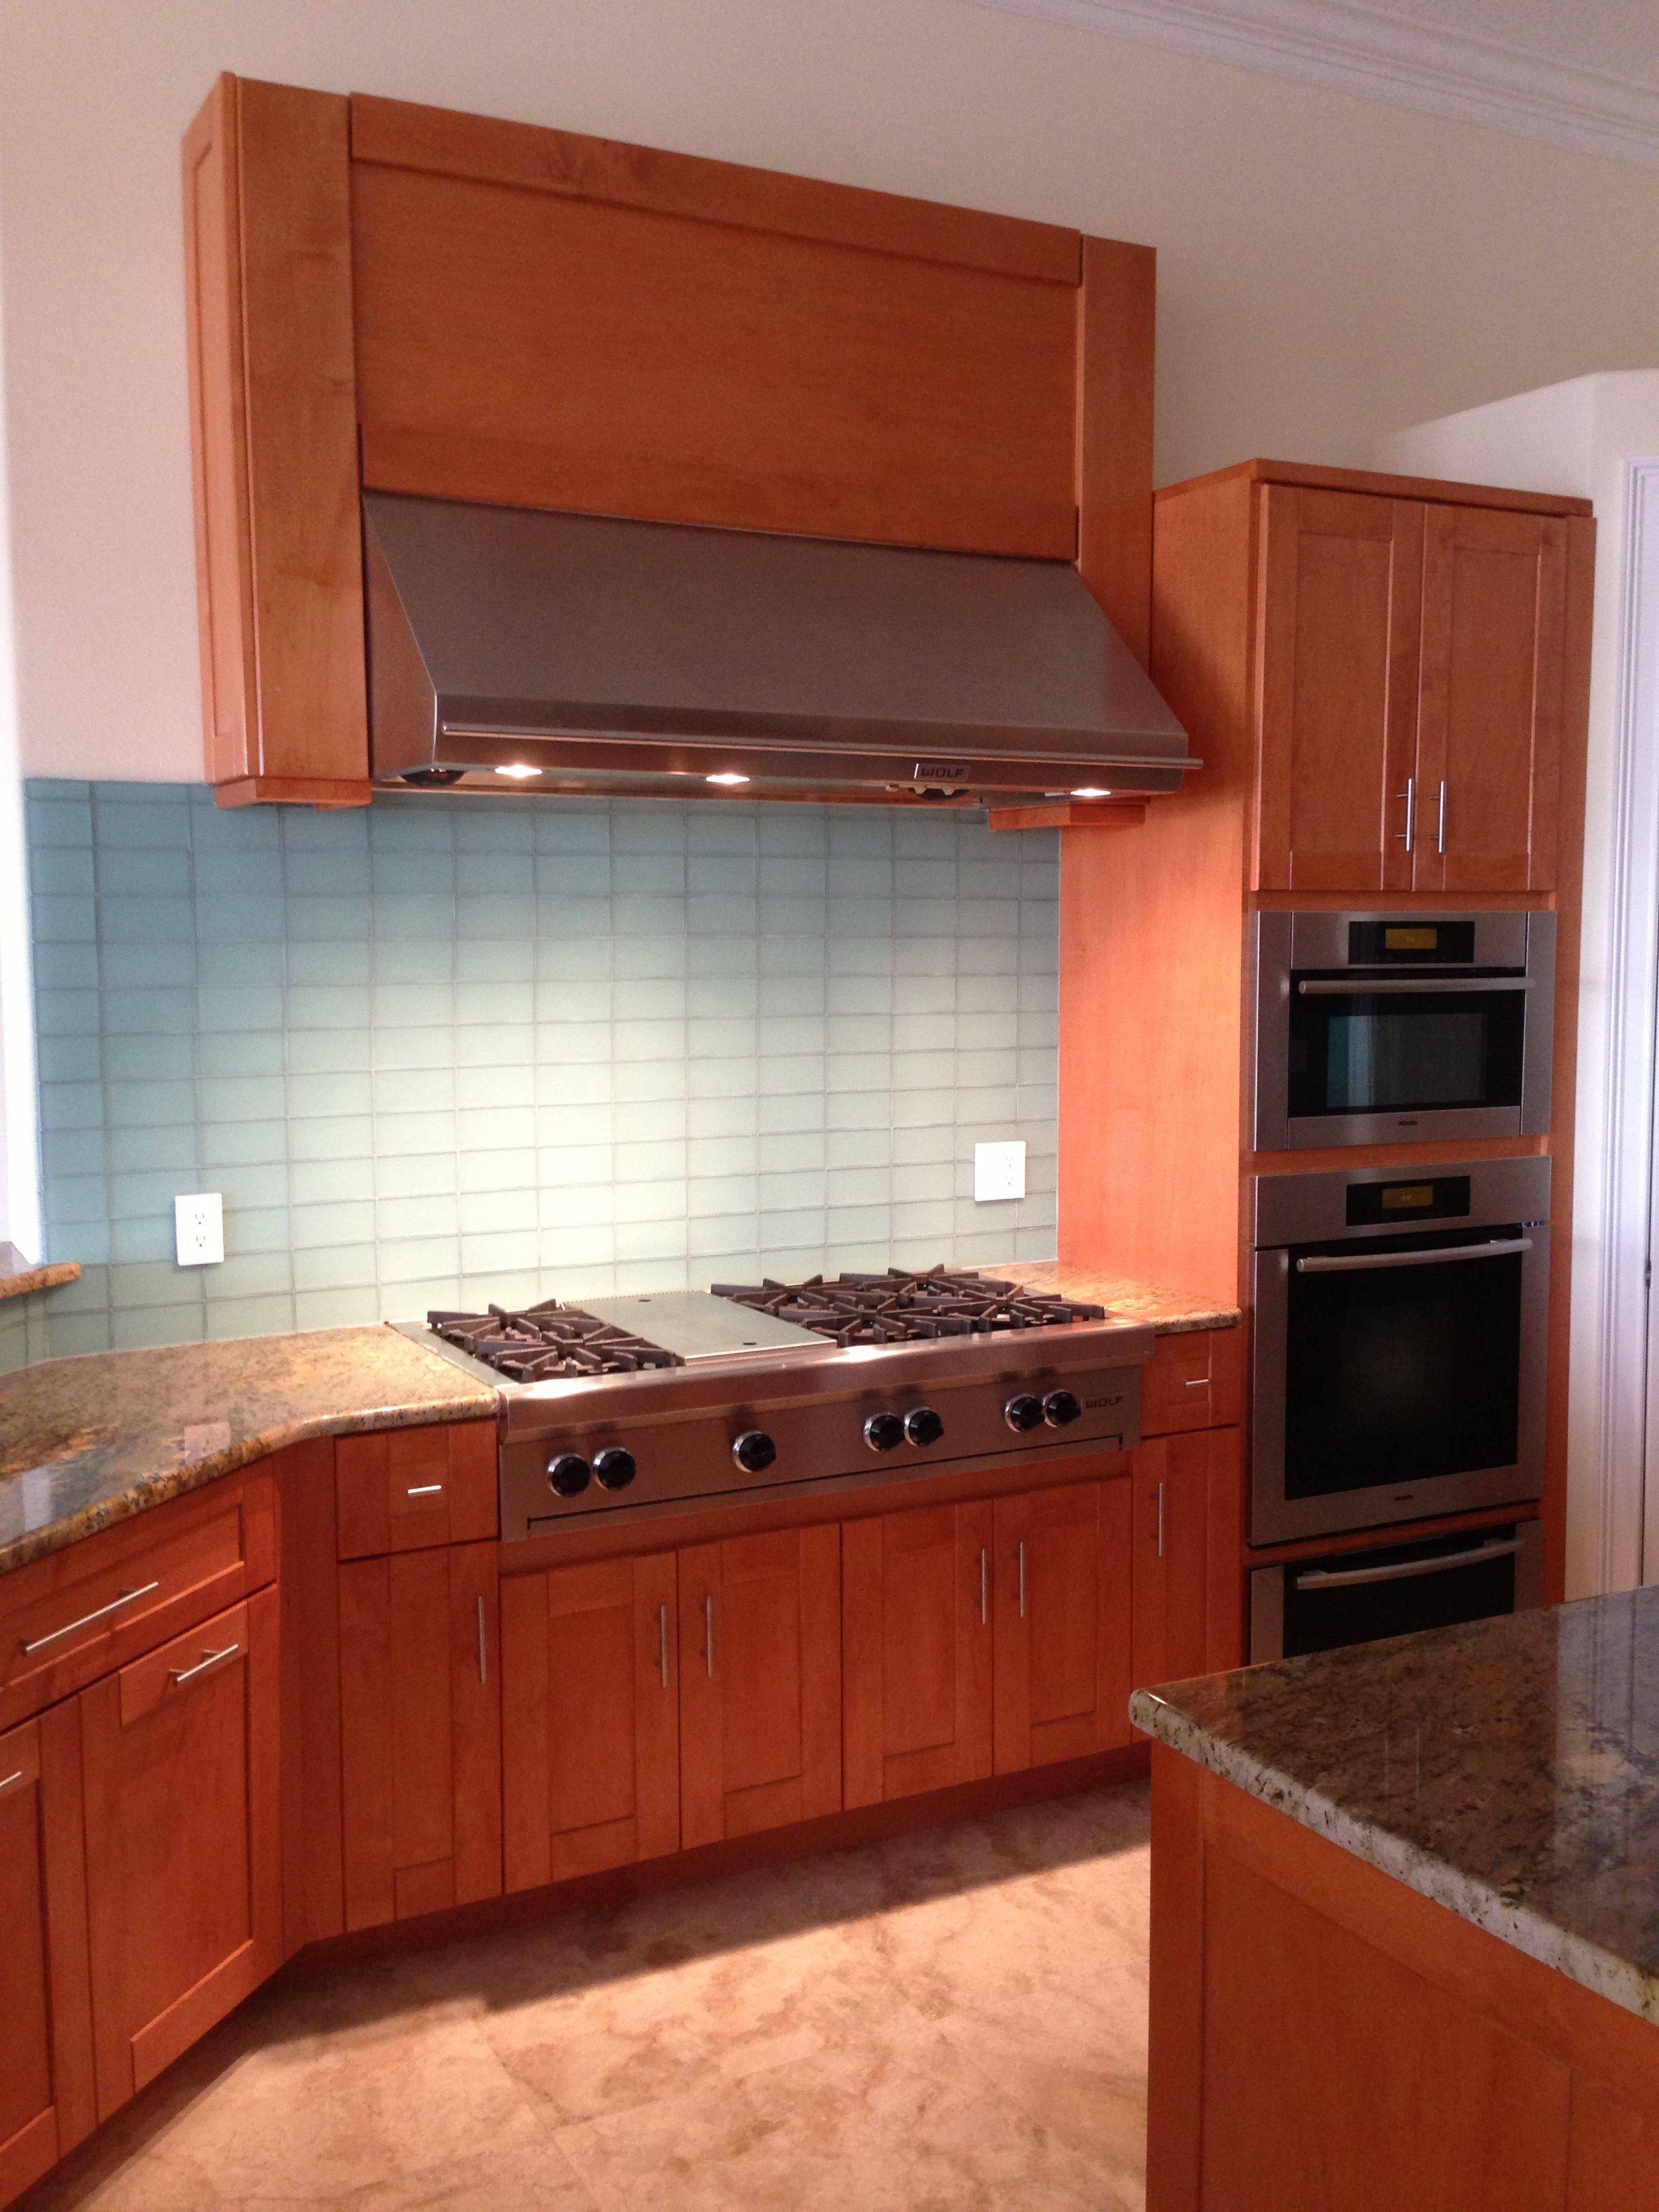 Maple with glass backsplash | Glass backsplash, Kitchen ...